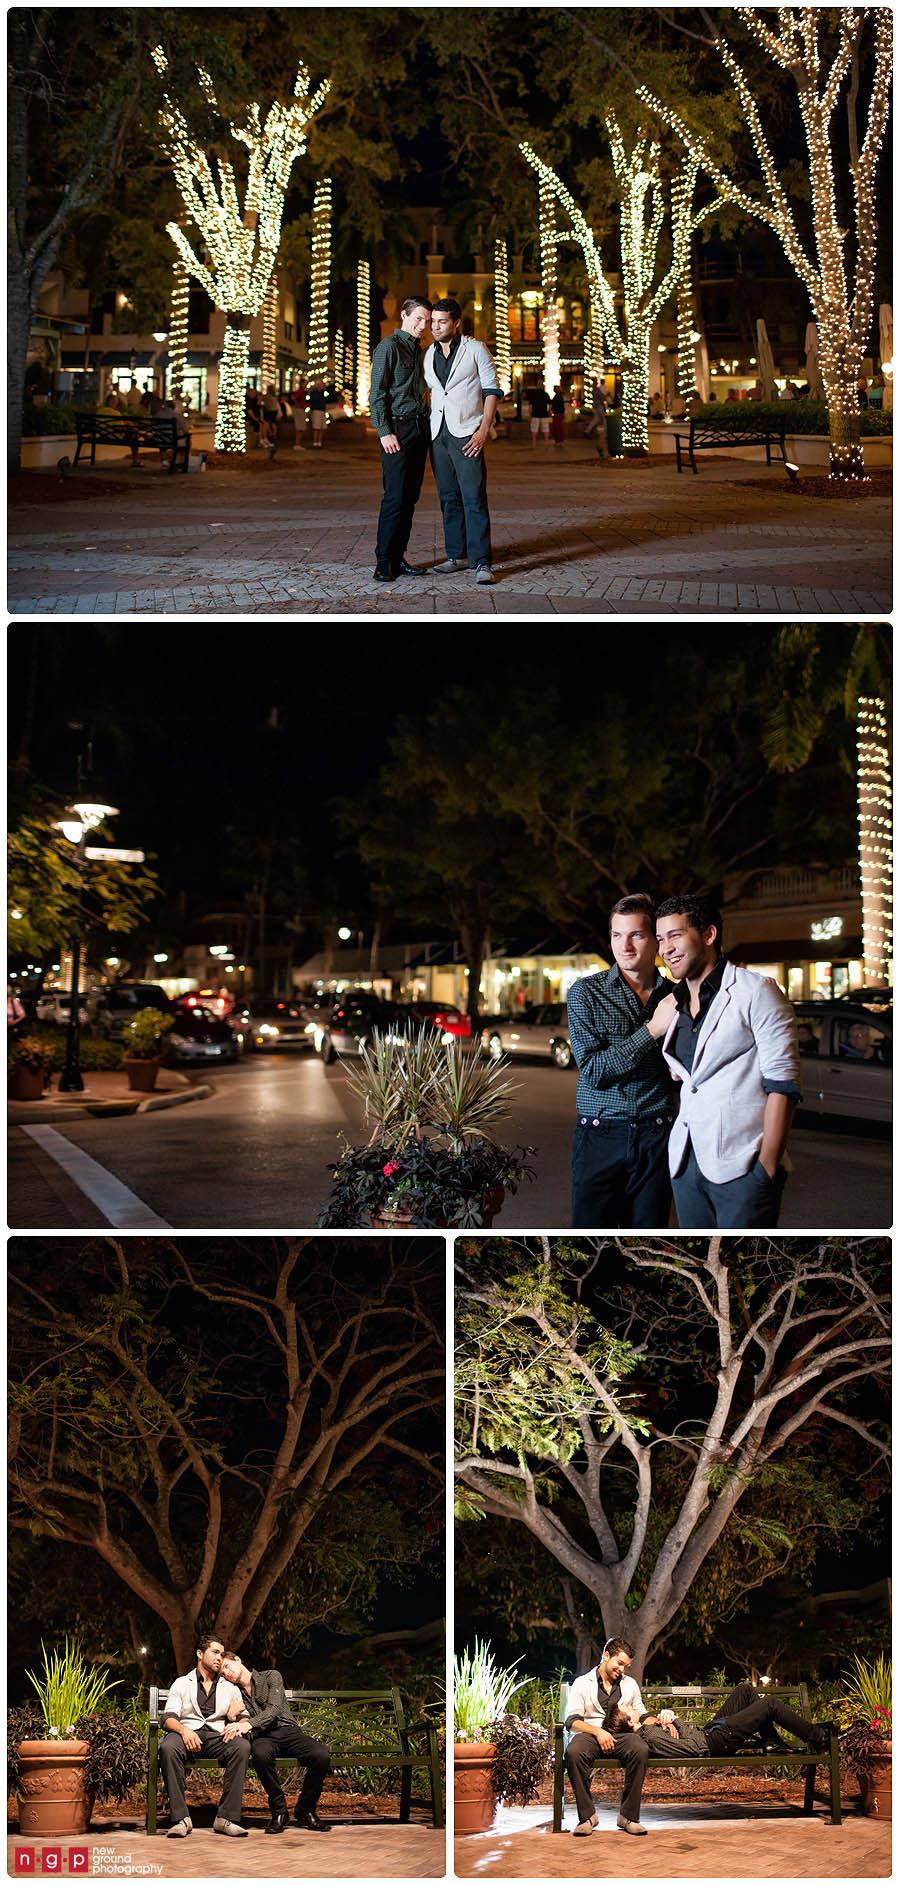 Naples Car Show >> Naples Zoo Engagement | Nik + Carlos | Naples Engagement Photography - Wedding Photography ...